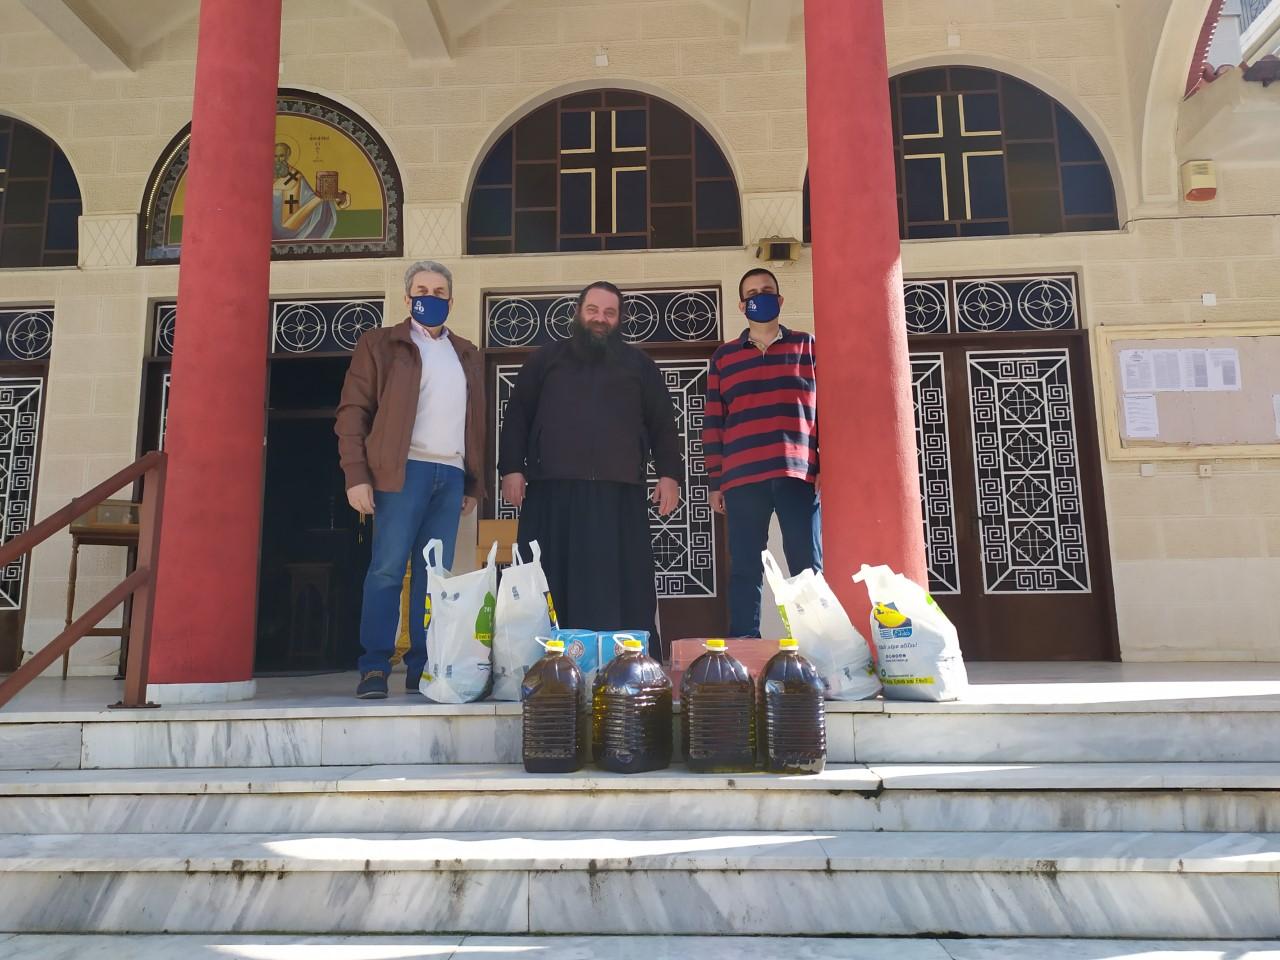 Προσφορά τροφίμων στον Ι.Ν. Αγίου Αθανασίου Λάρισας για τα συσσίτια της Ι.Μ. Λαρίσης και Τυρνάβου